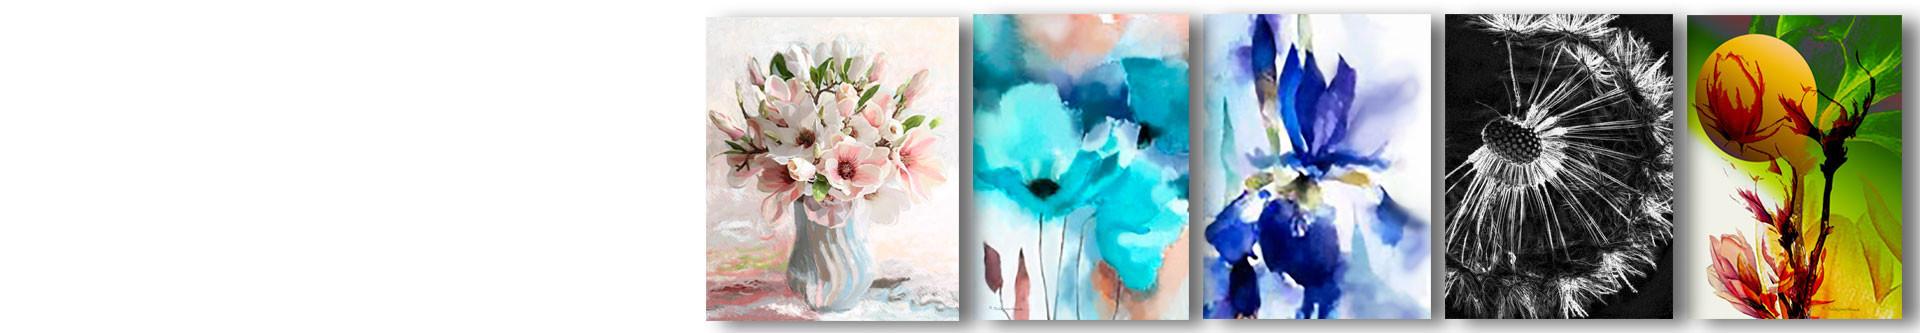 Obrazy kwiaty to obowiązkowa pozycja w wystroju wnętrza. Nic nie wzbudzi więcej zachwytu niż dobrze dobrany obraz do salonu, sypialni. Przy podejmowaniu decyzji oferujemy profesjonalne doradztwo.